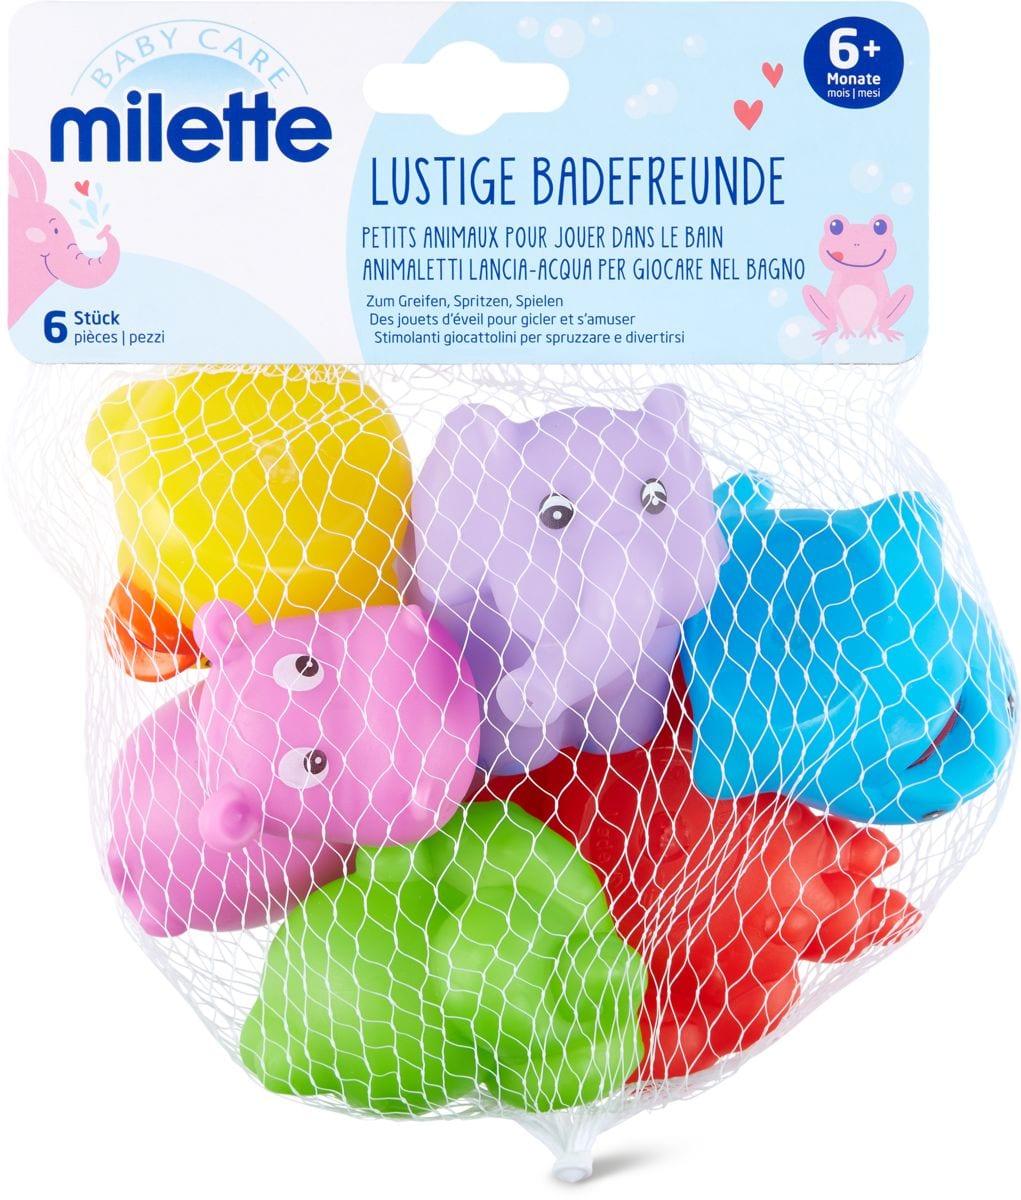 Milette Animaletti lancia-acqua per giocarae nel bagno